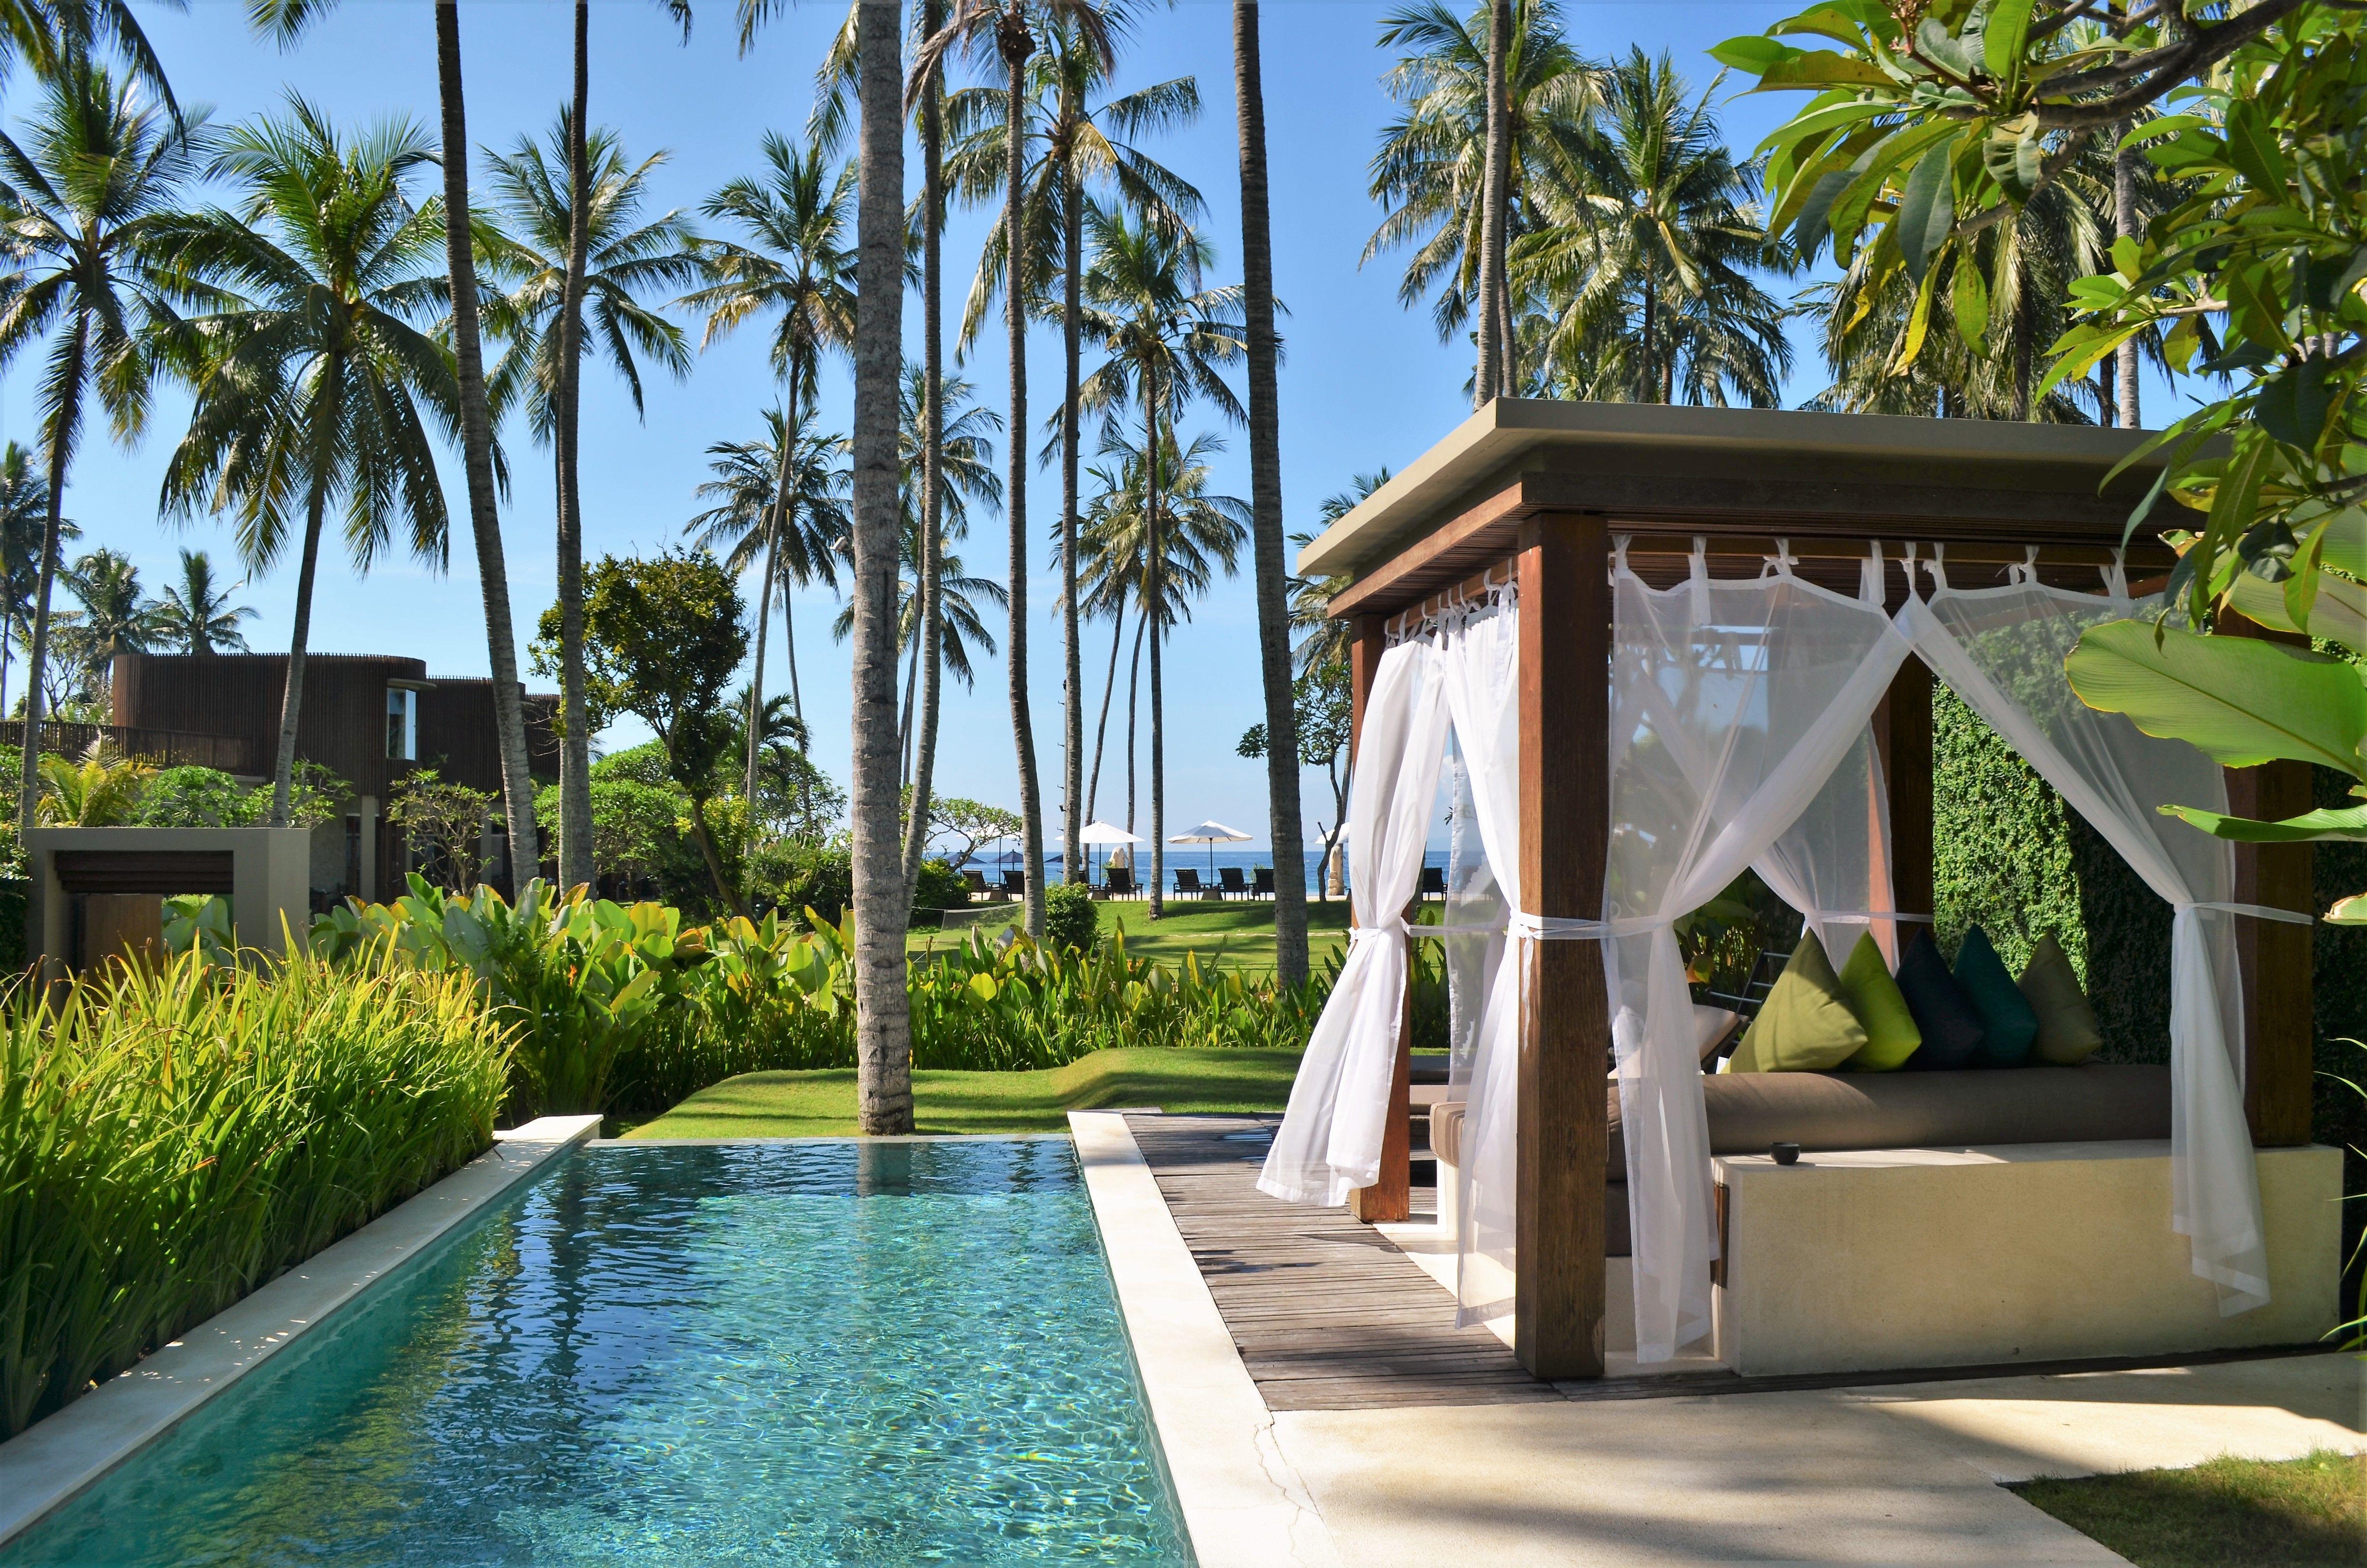 Entspannung pur im traumhaften Candi Beach Resort! #Bali #PoolVilla #Oceanview #CandiBeachResort #Candidasa #Asien #meintransorienturlaub #transorienttouristik